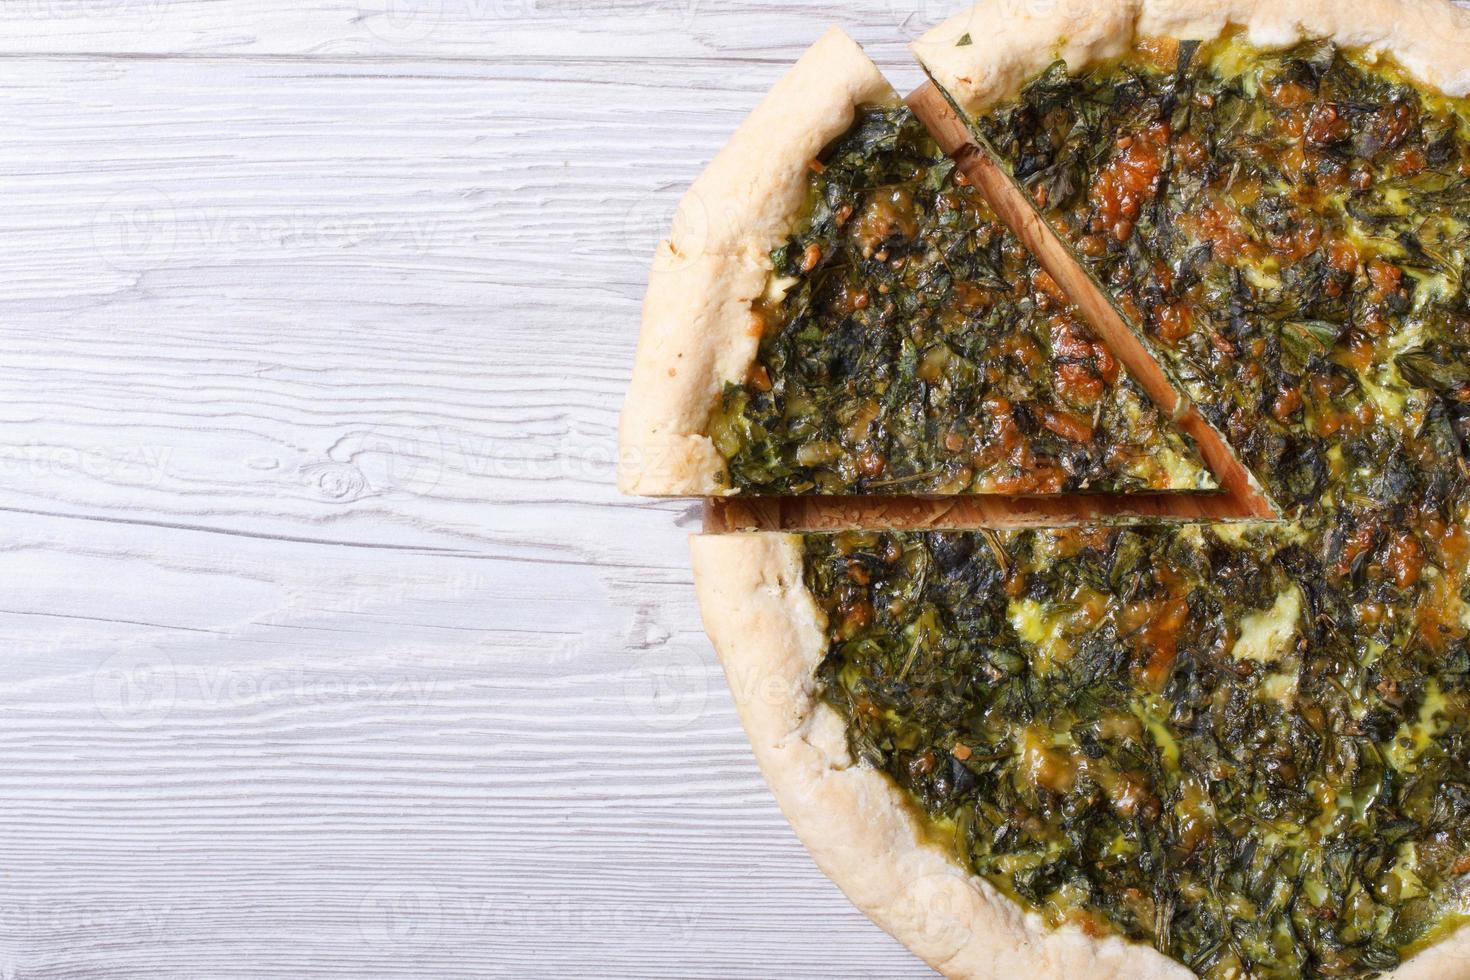 torta com ervas, queijo e espinafre close-up vista superior foto